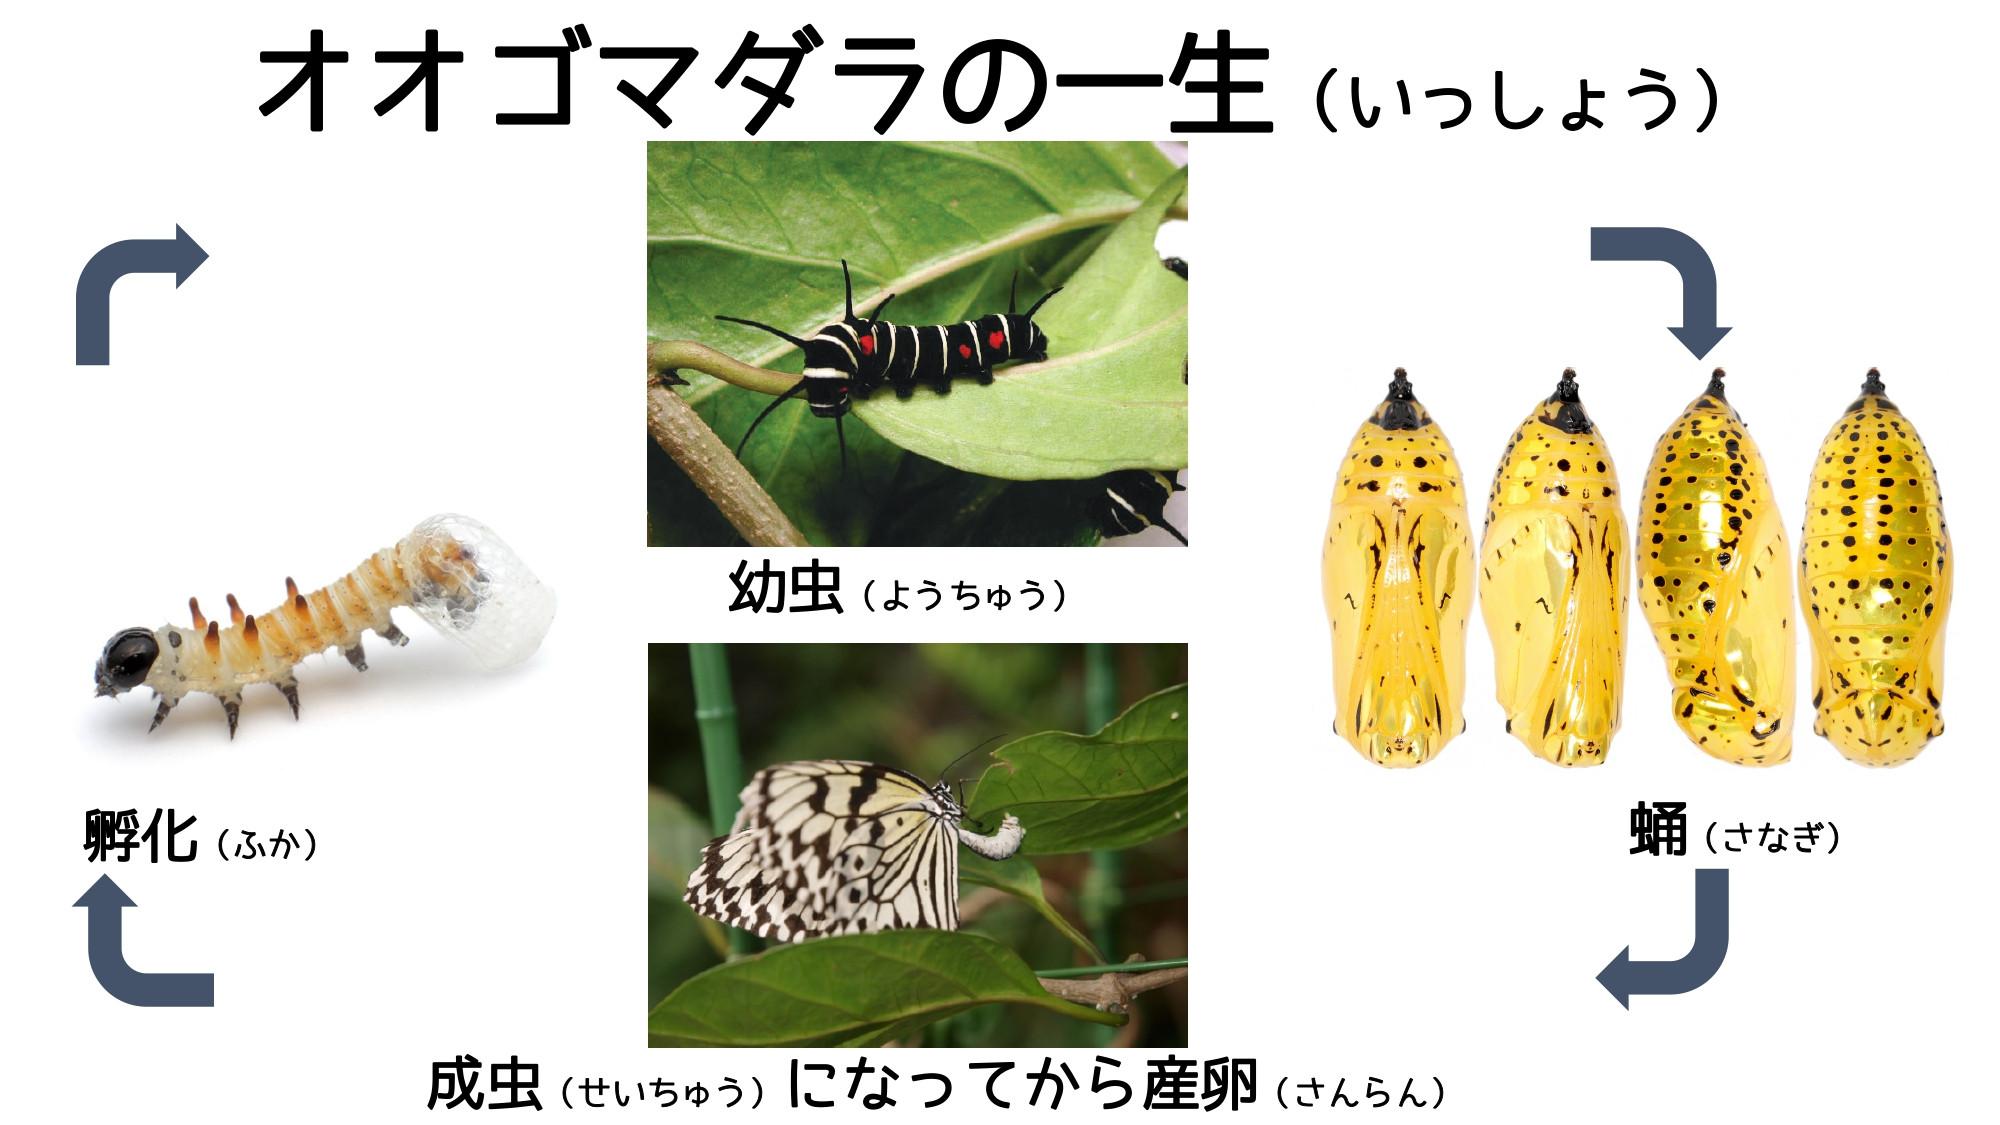 どこ博講演_2020ふれあい昆虫館 (2)